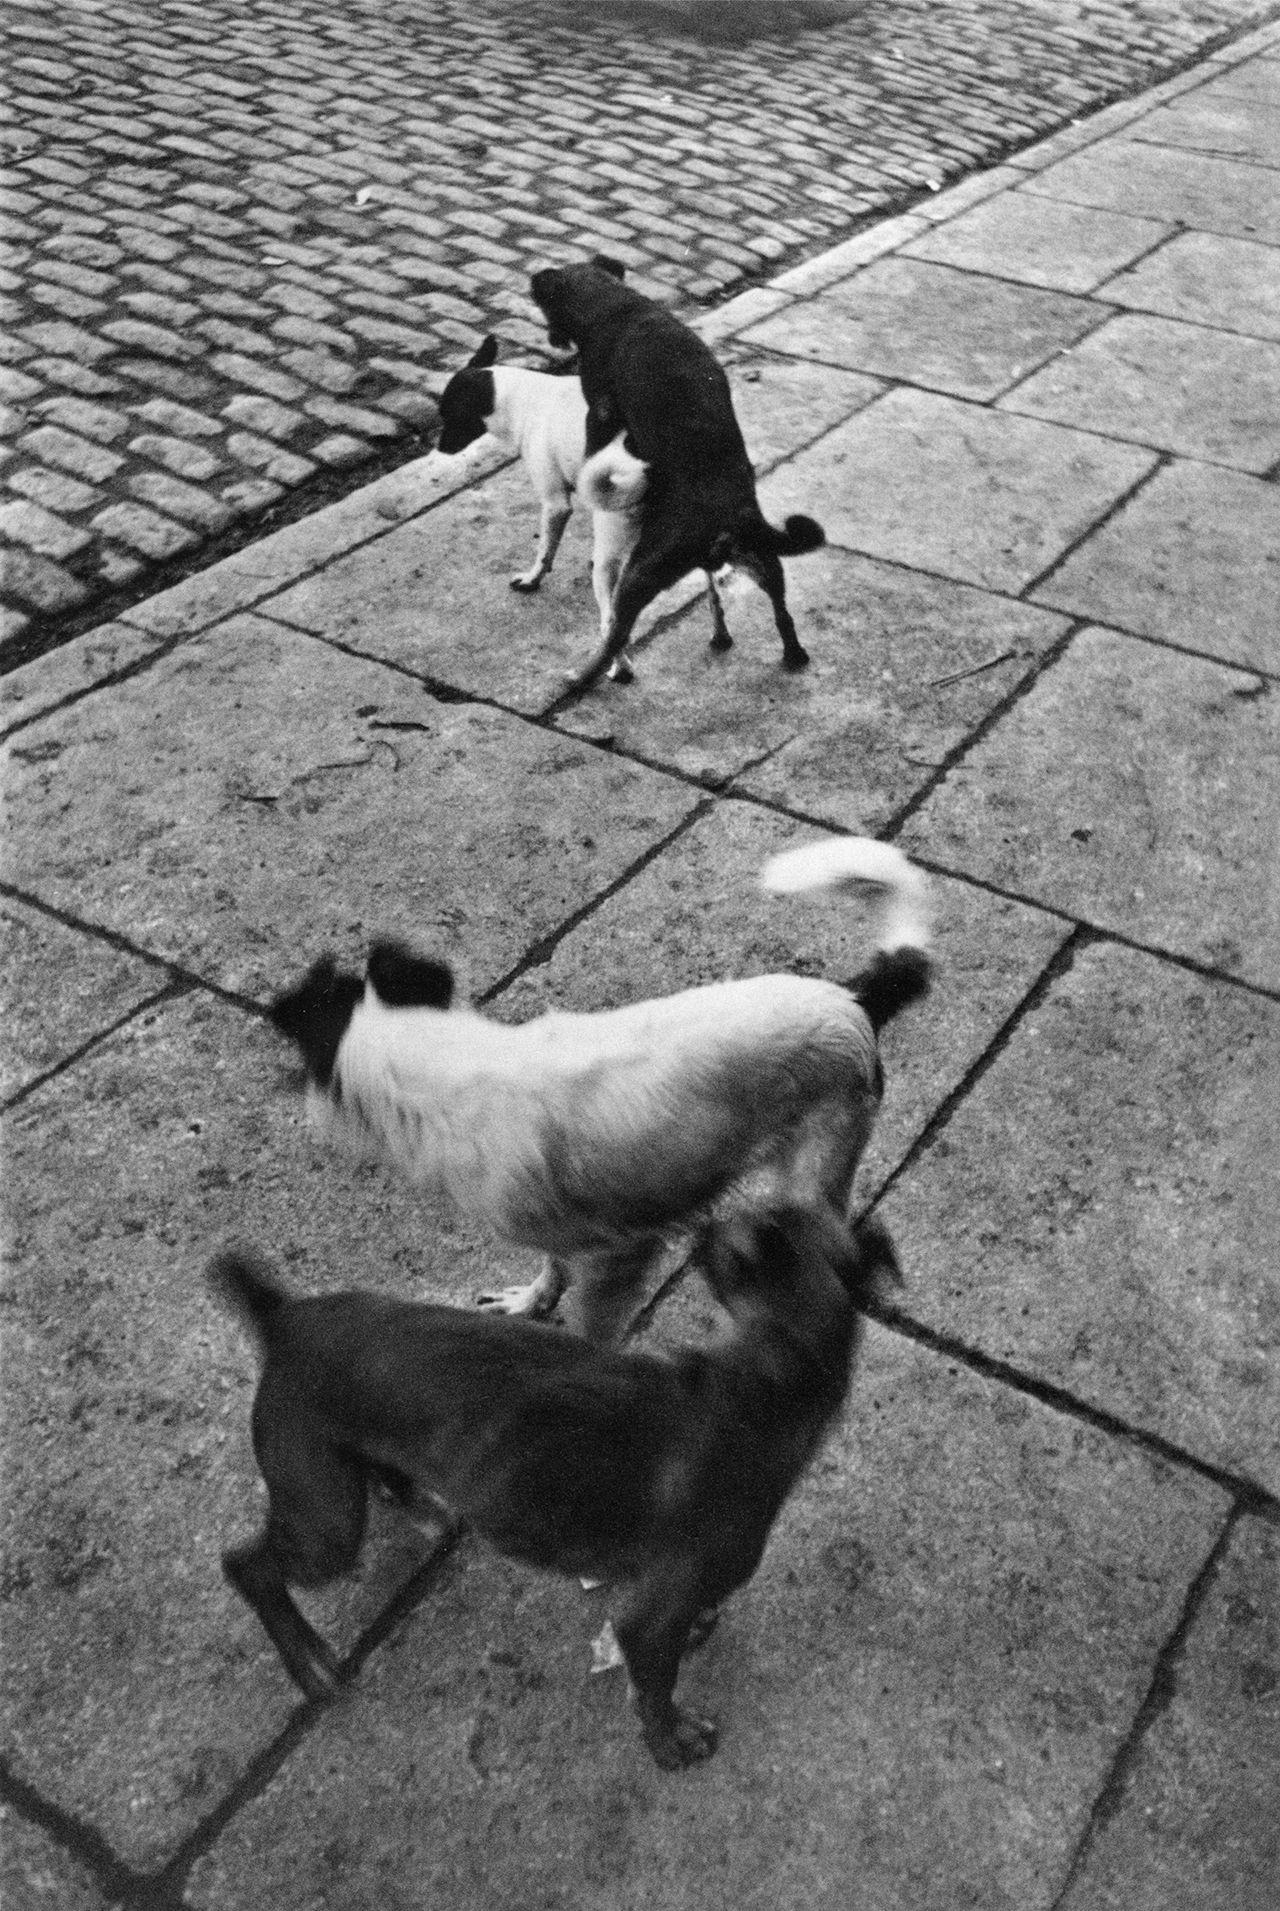 Henri Cartier-Bresson, Paris, 1932